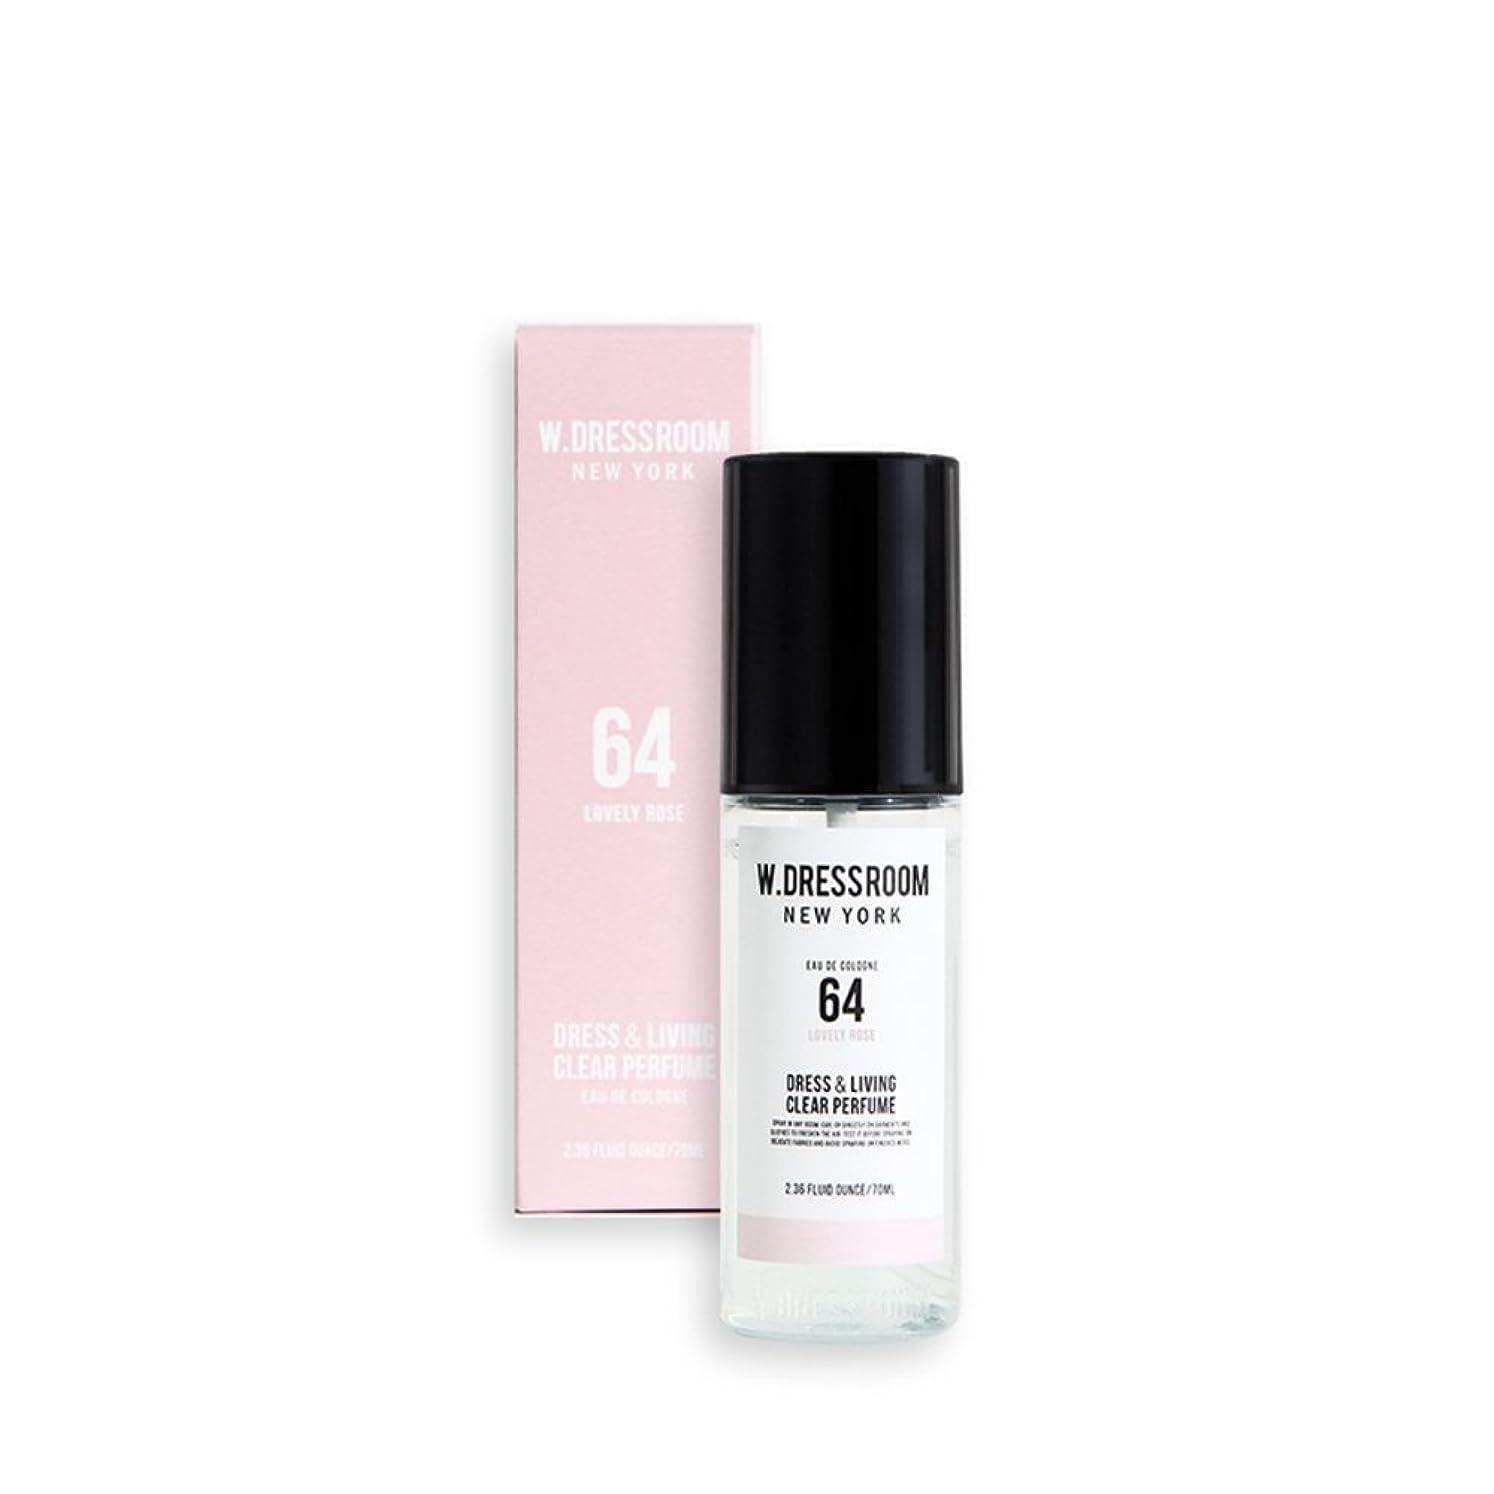 炭水化物コスト貸し手W.DRESSROOM Dress & Living Clear Perfume fragrance 70ml (#No.64 Lovely Rose)/ダブルドレスルーム ドレス&リビング クリア パフューム 70ml (#No.64 Lovely Rose)